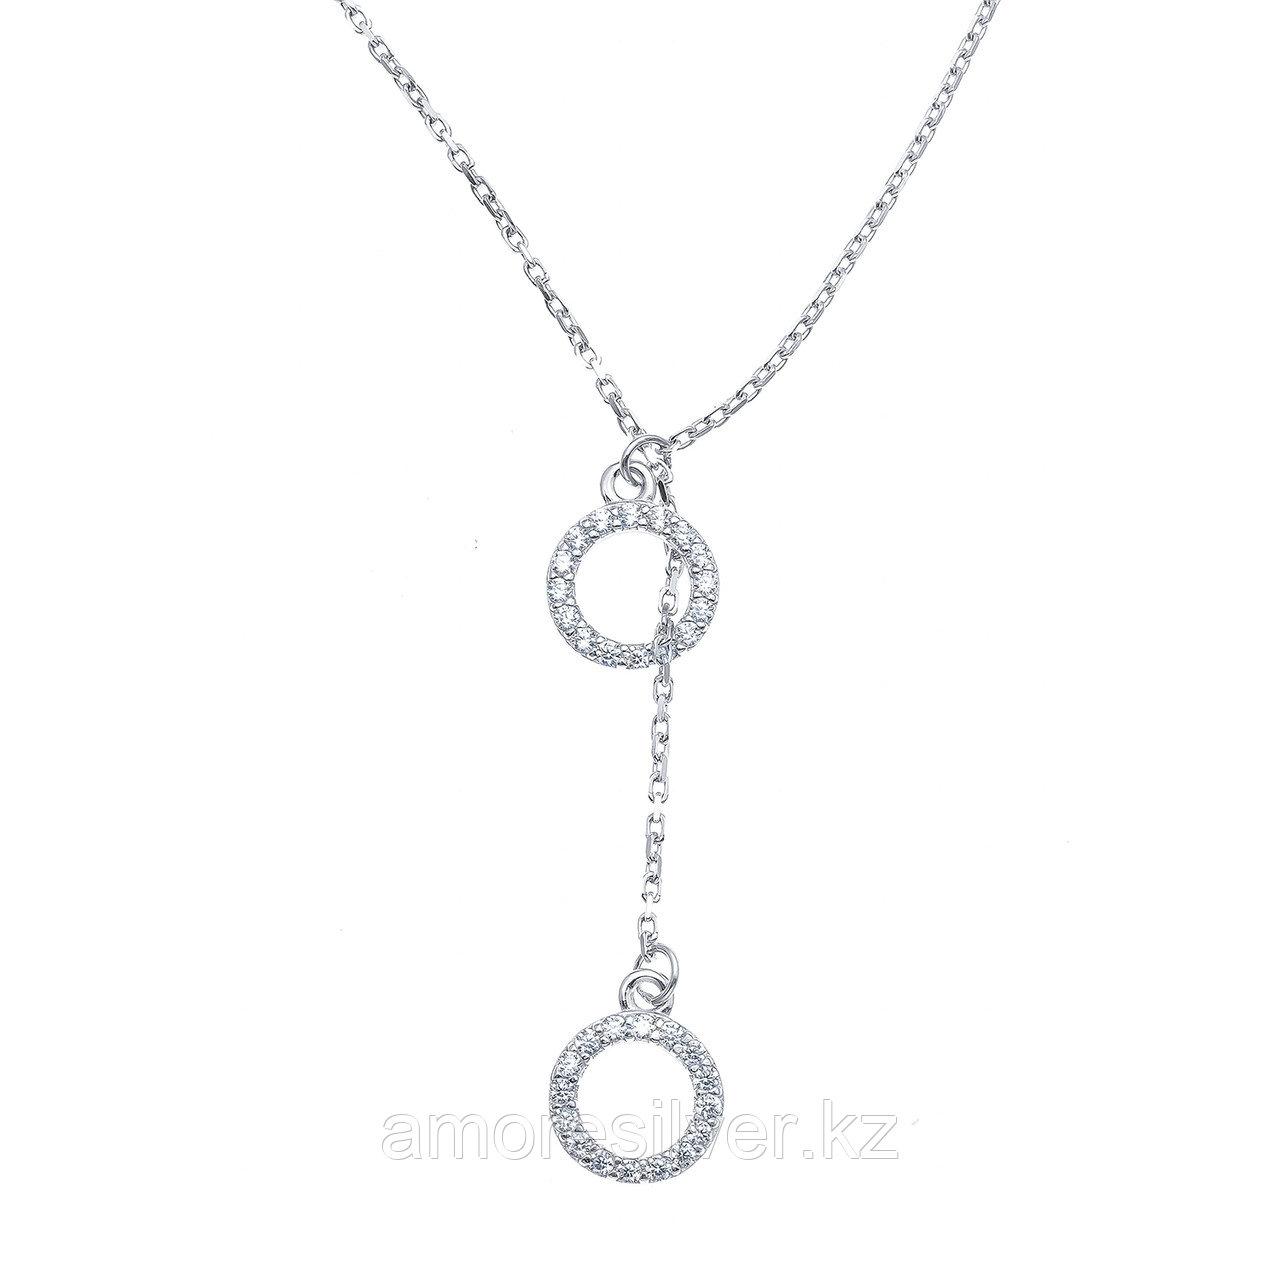 Колье ЗОЛОТЫЕ КУПОЛА серебро с родием, фианит, круг 0320296-20775